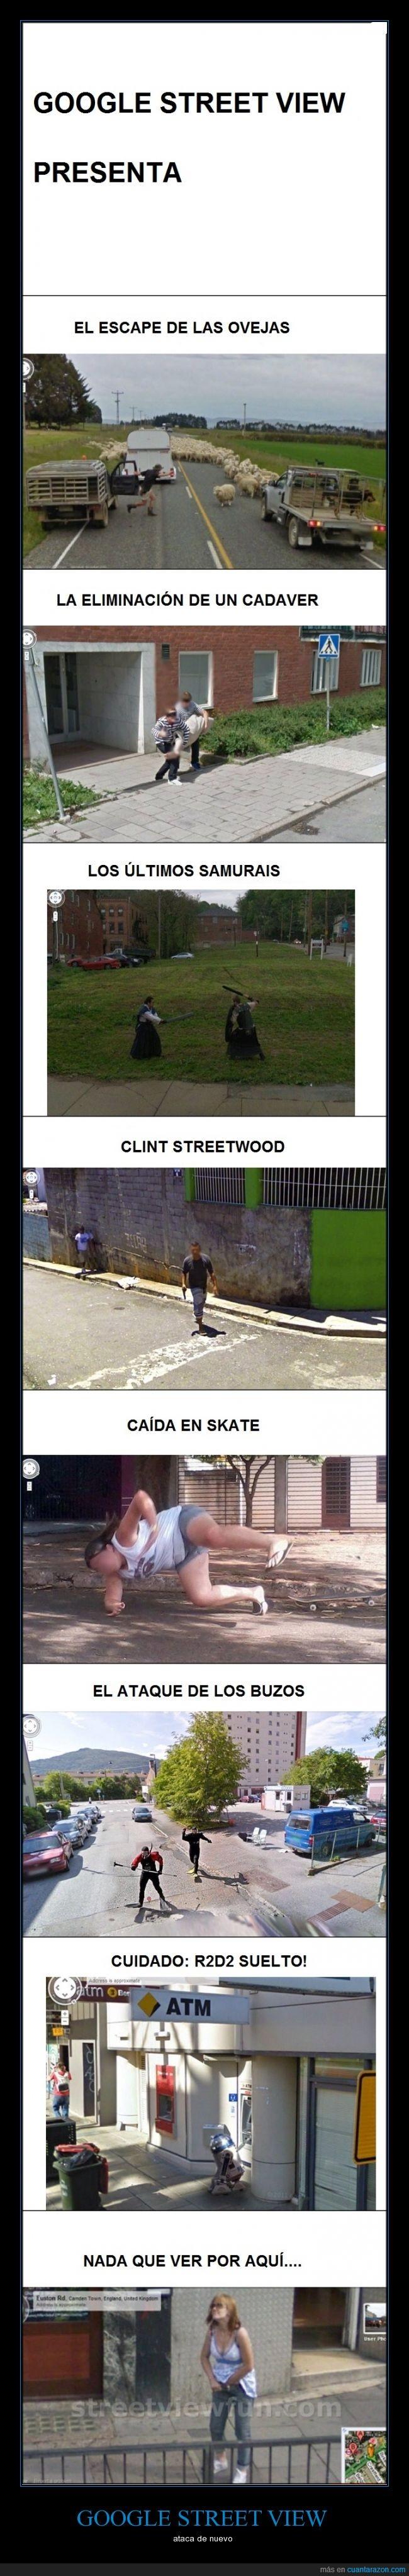 buzos,capturas,fotos,google,google street view,inesperado,ovejas,r2d2,samurais,street,view,wtf